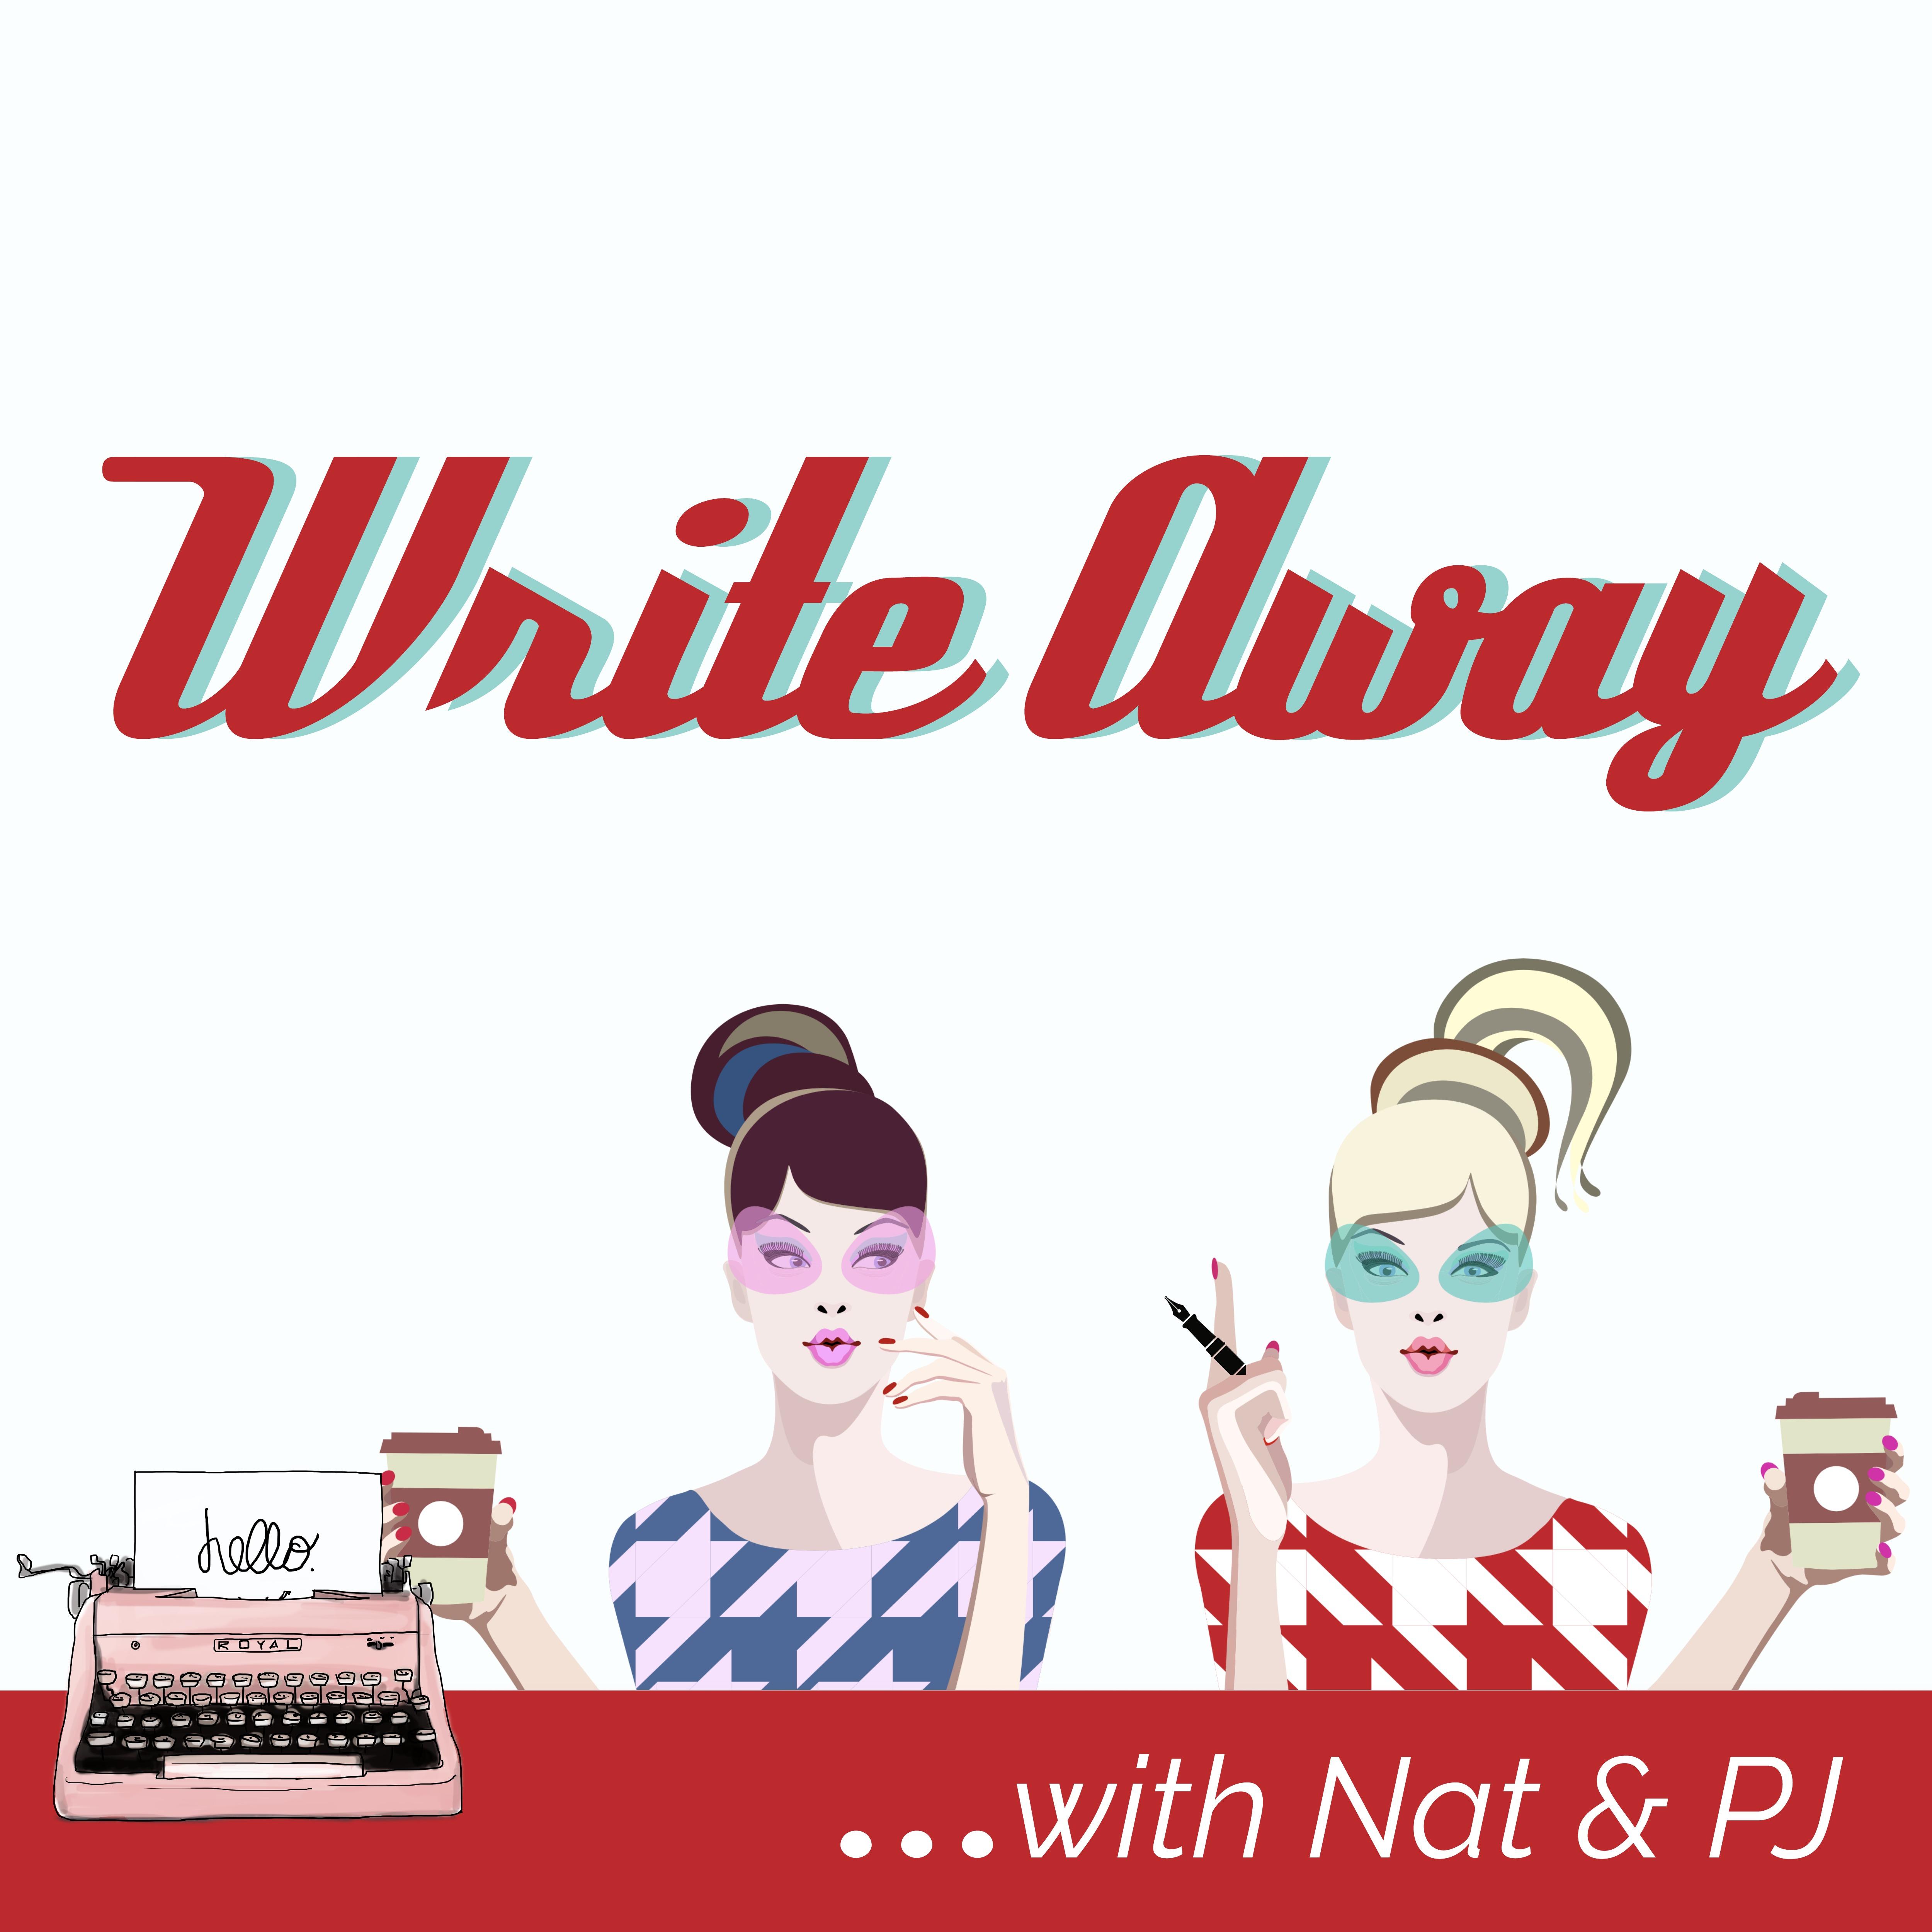 Write Away with Nat & PJ show art